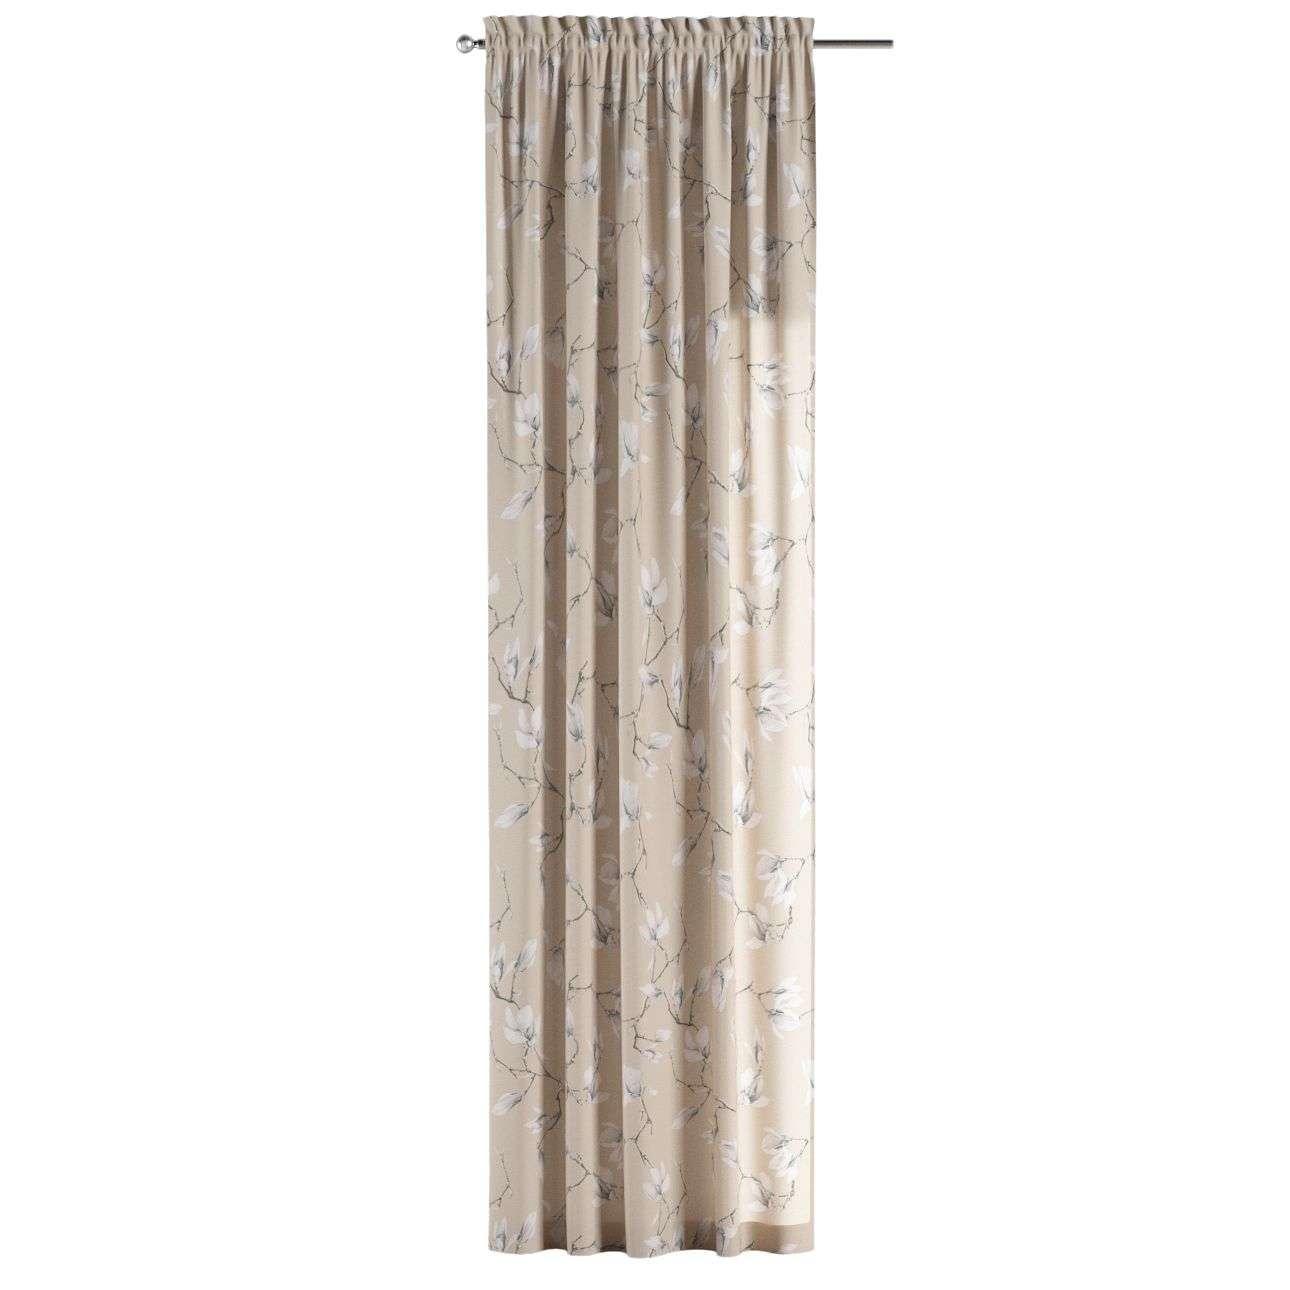 Zasłona na kanale z grzywką 1 szt. 1szt 130x260 cm w kolekcji Flowers, tkanina: 311-12